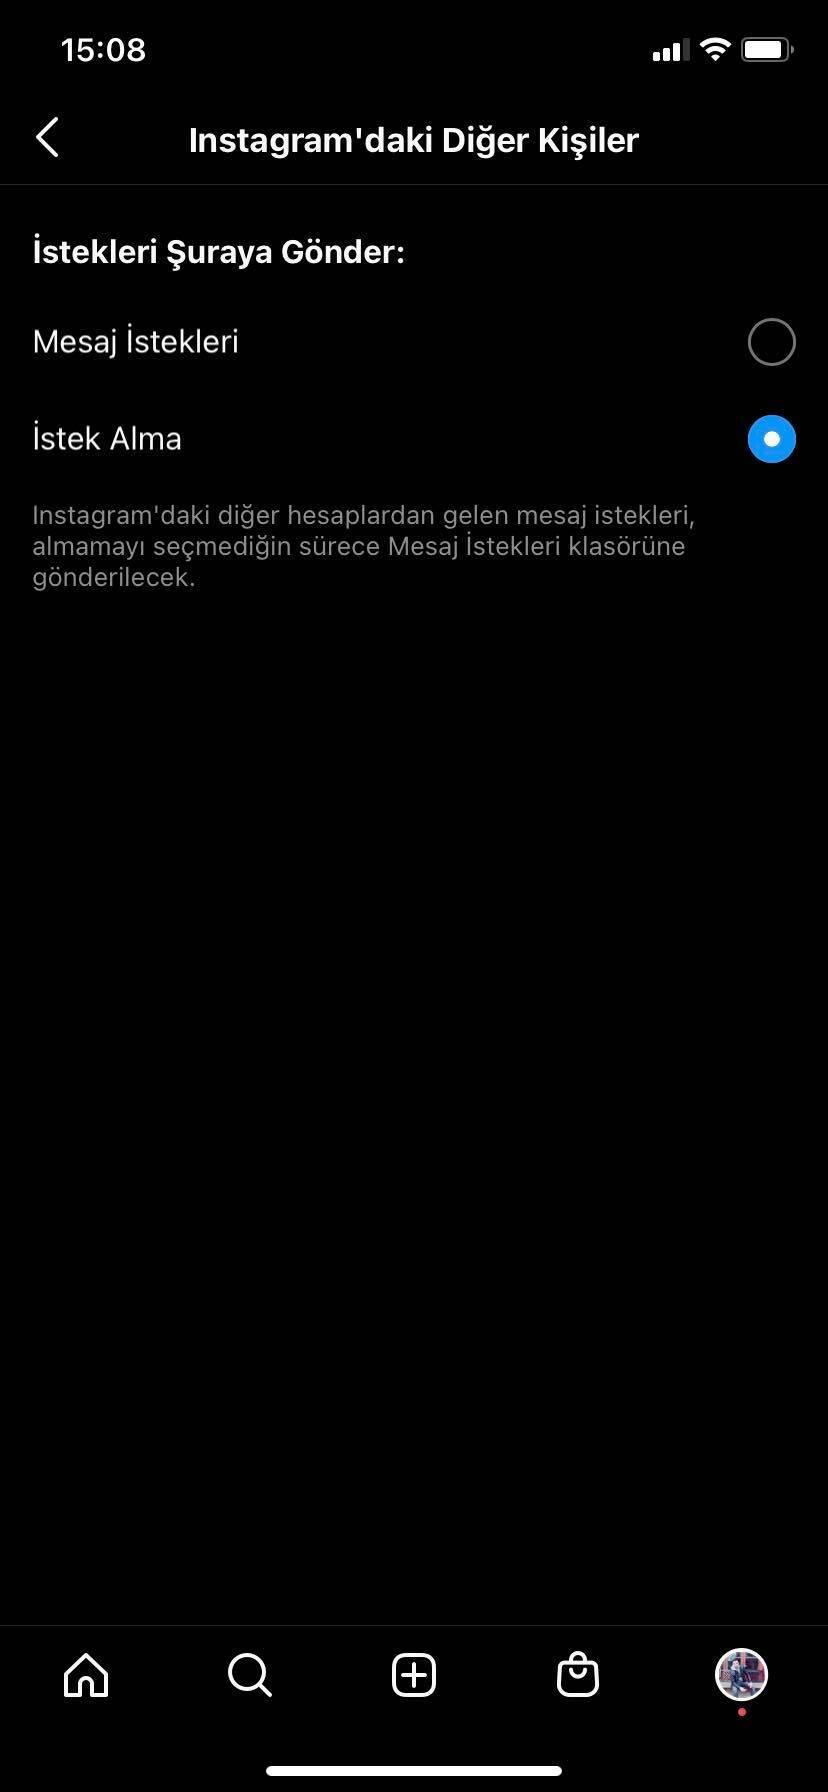 Instagram'da Mesaj İsteklerini Kapatma Adımı 1